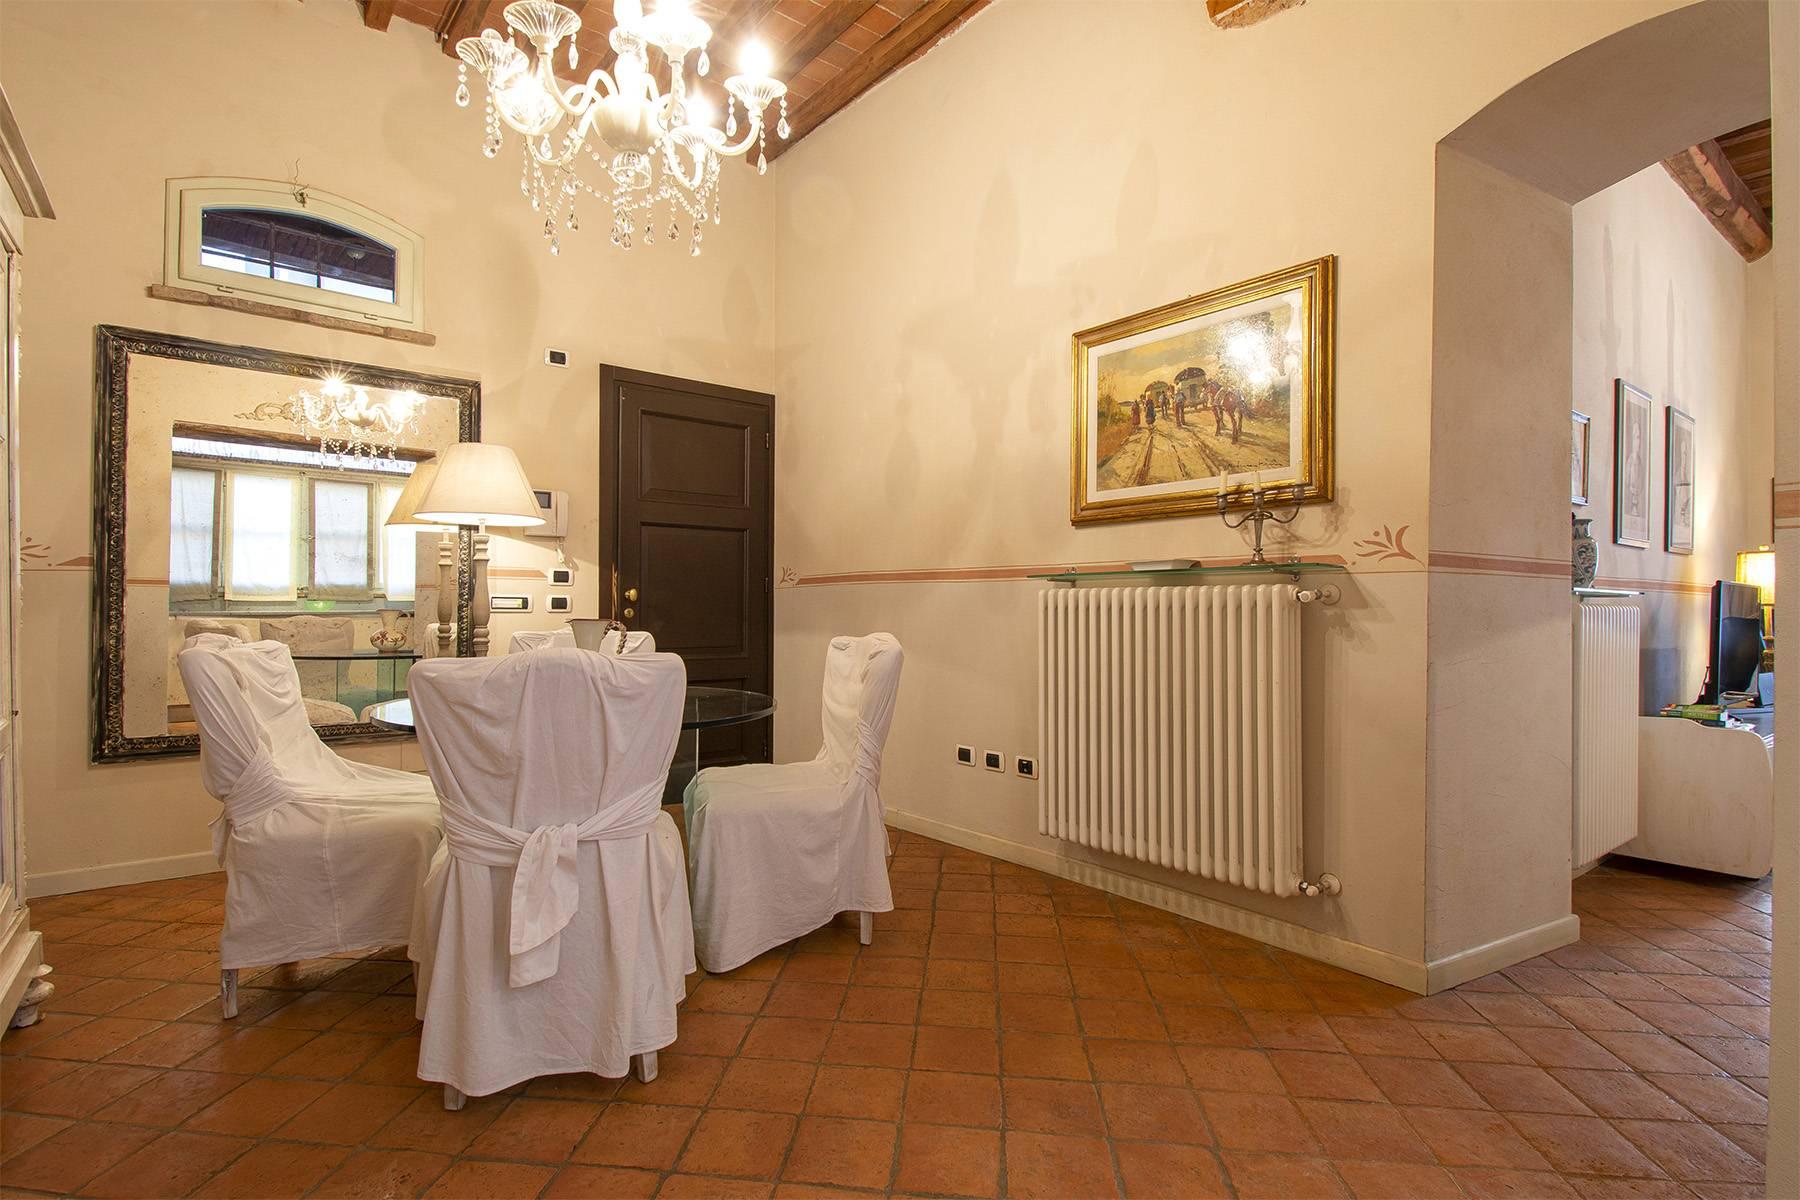 Appartamento in Vendita a Lucca: 5 locali, 77 mq - Foto 16